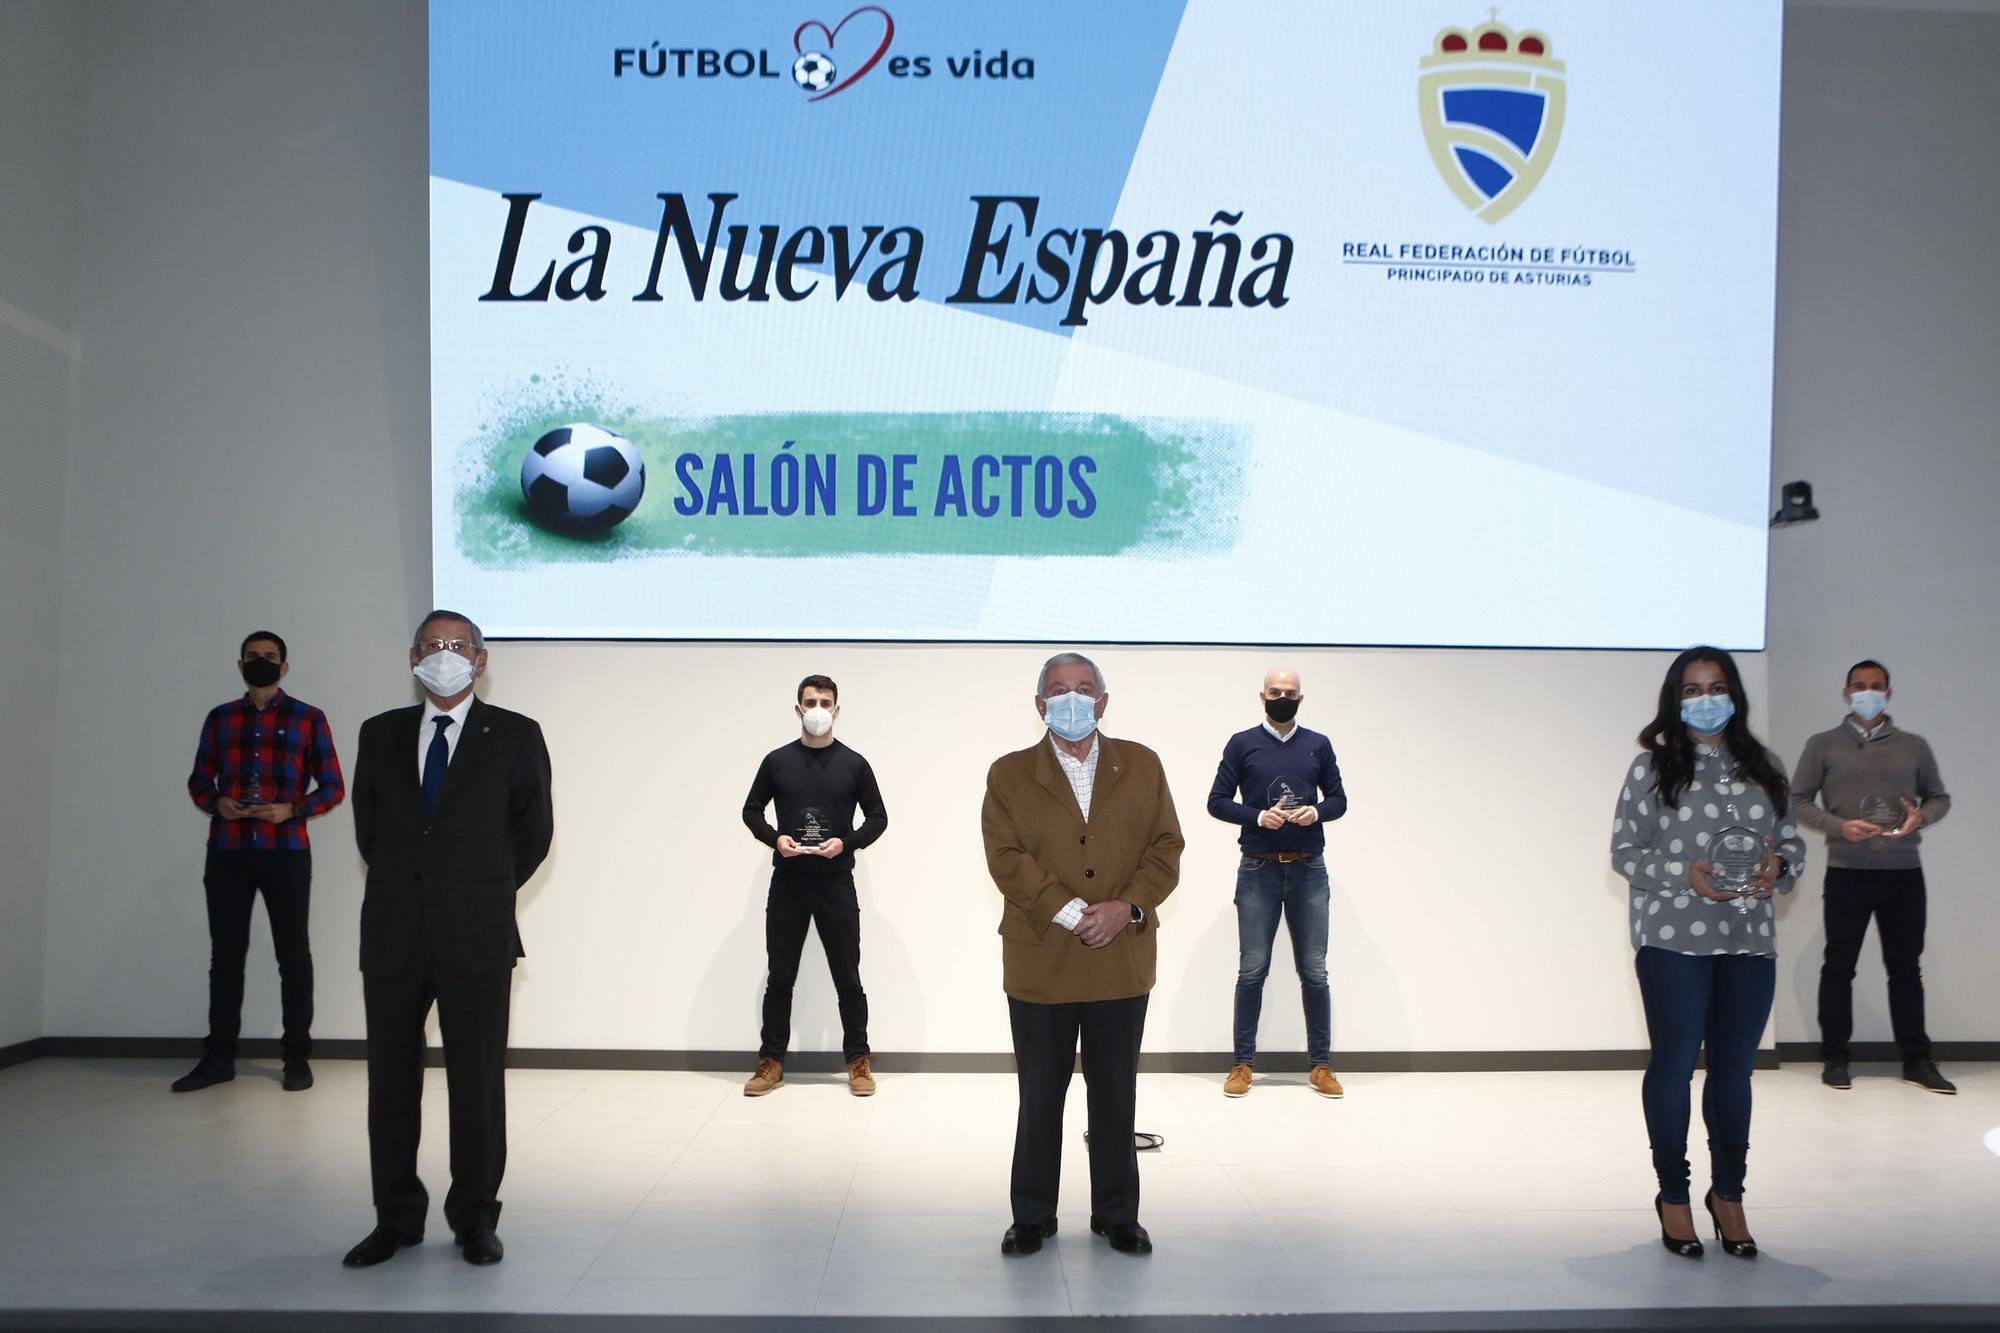 En primera fila, de izquierda a derecha, el presidente del Comit� T�cnico de �rbritros, Jos� Manuel Su�rez, el presidente de la Federaci�n Asturiana de F�tbol, Maximino Mart�nez, y Eliana Fern.jpg